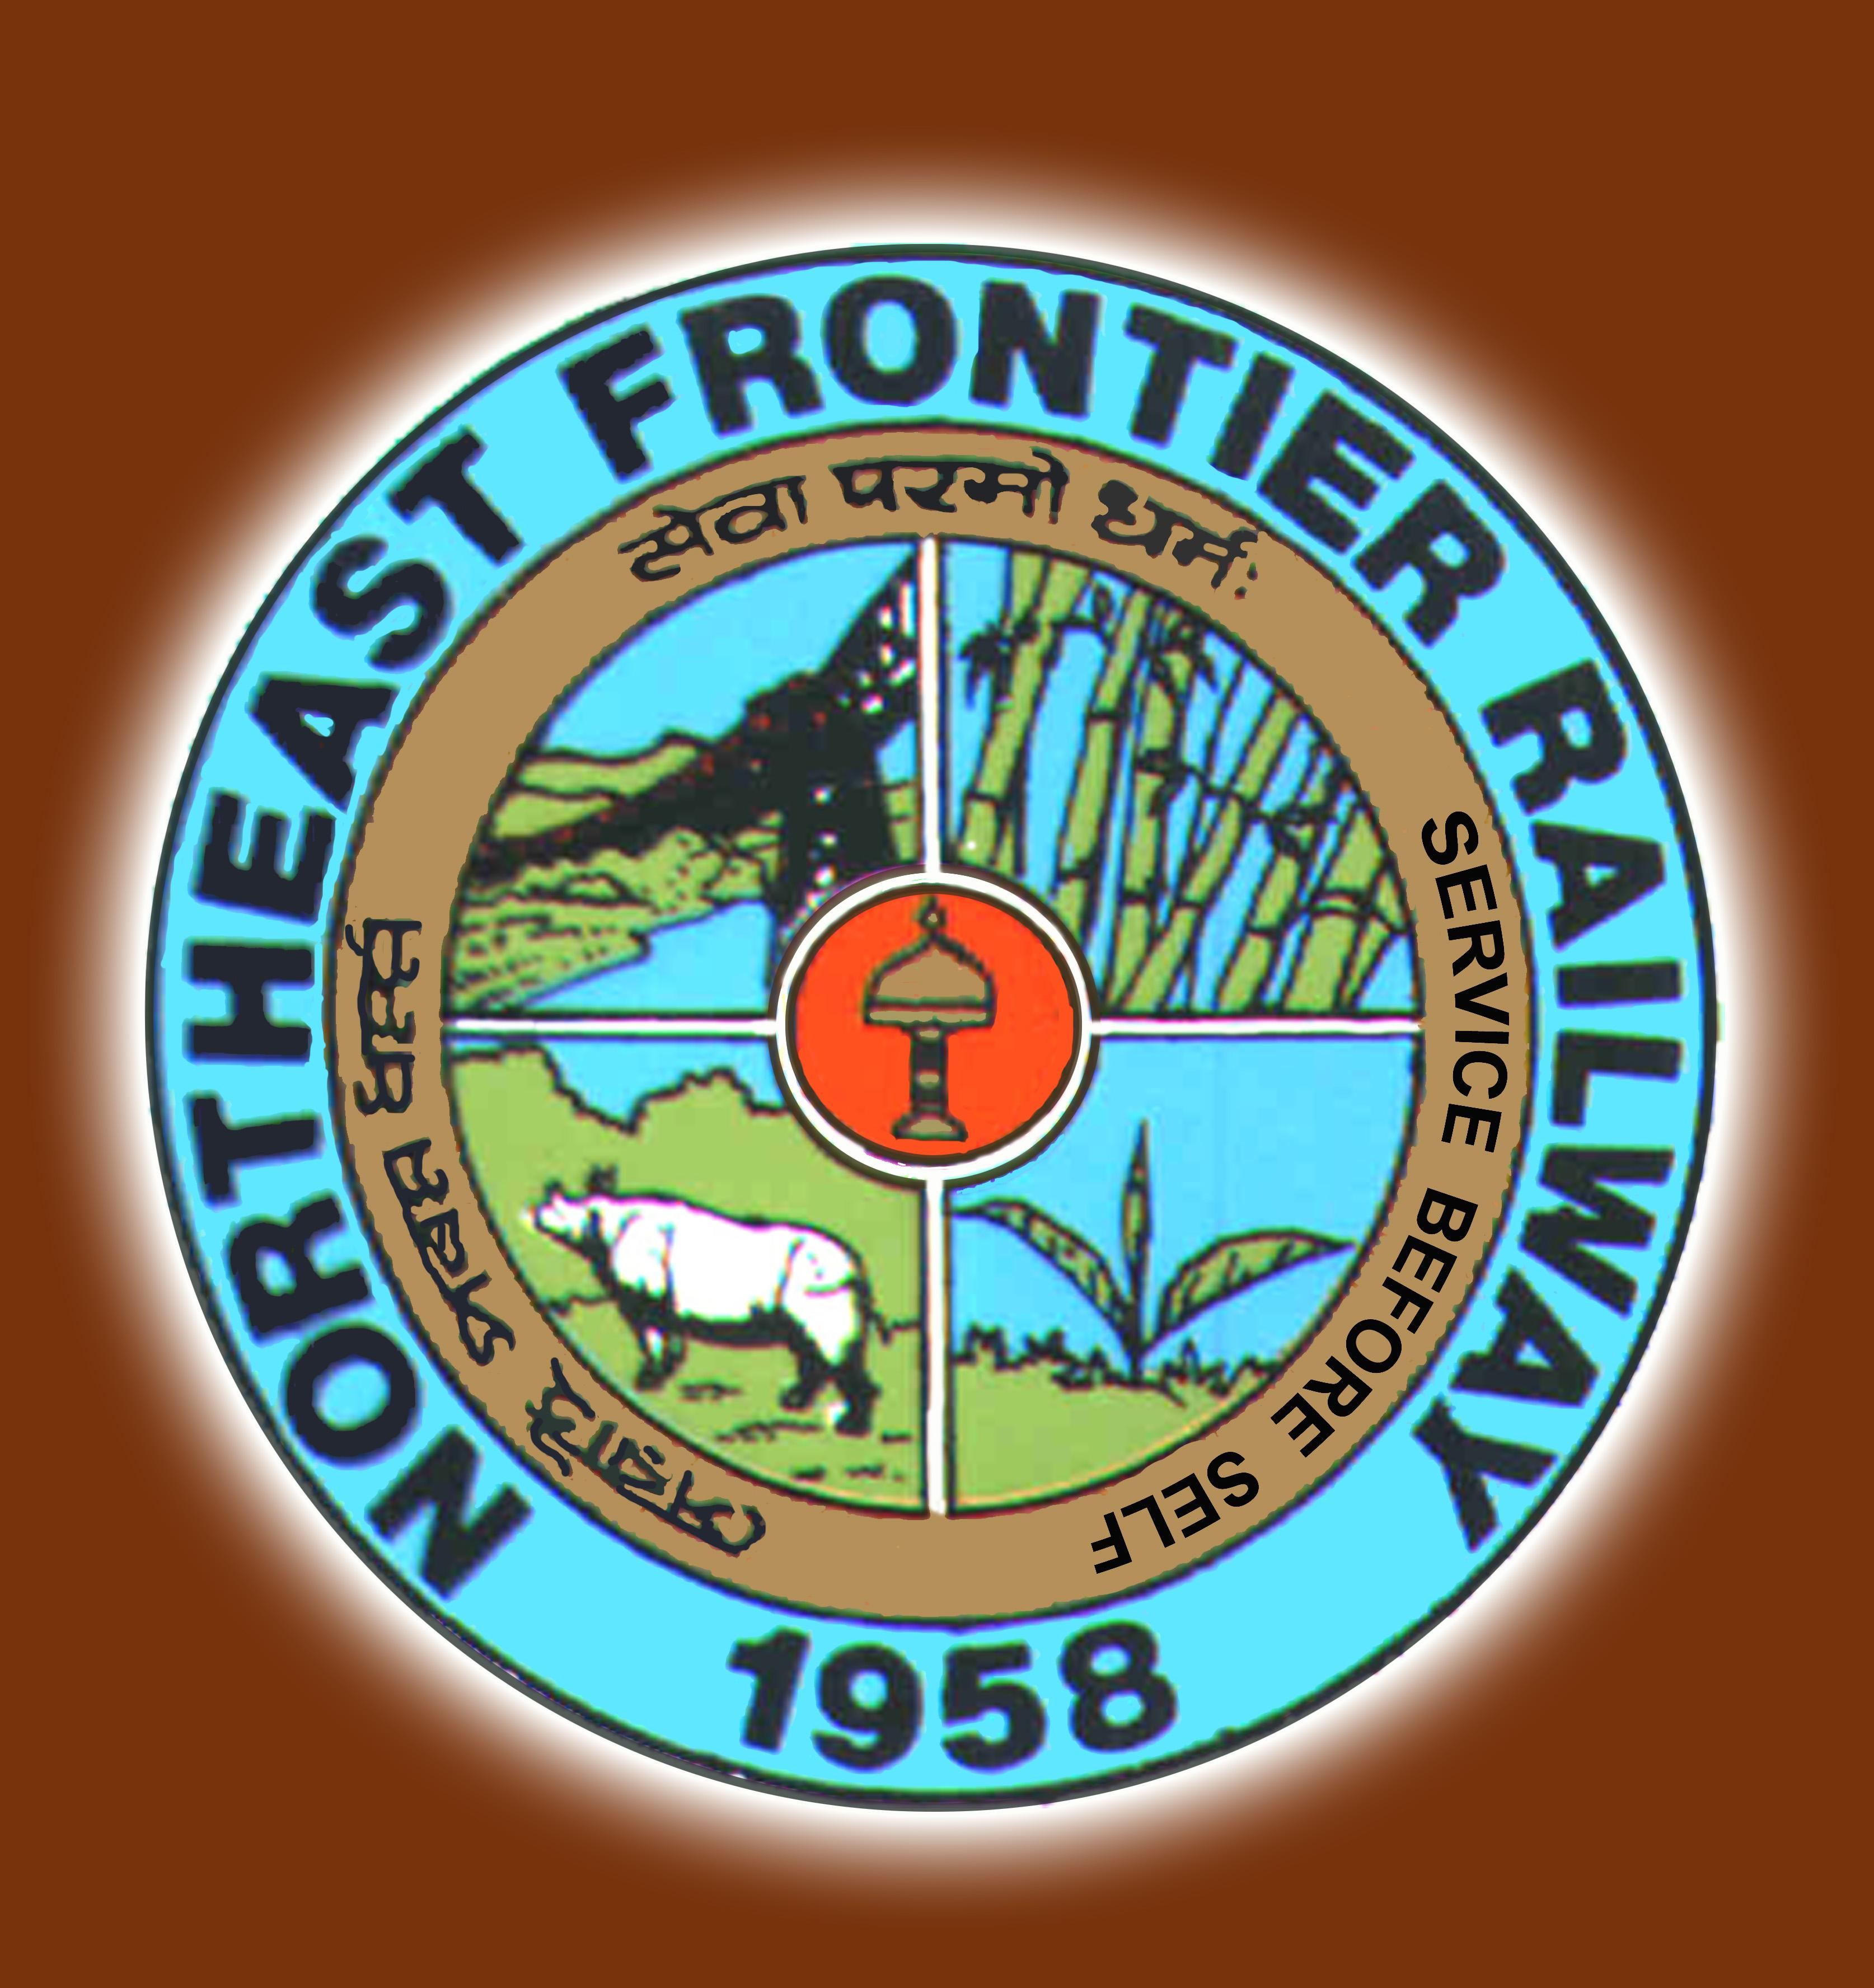 Northeast-Frontier-Railway